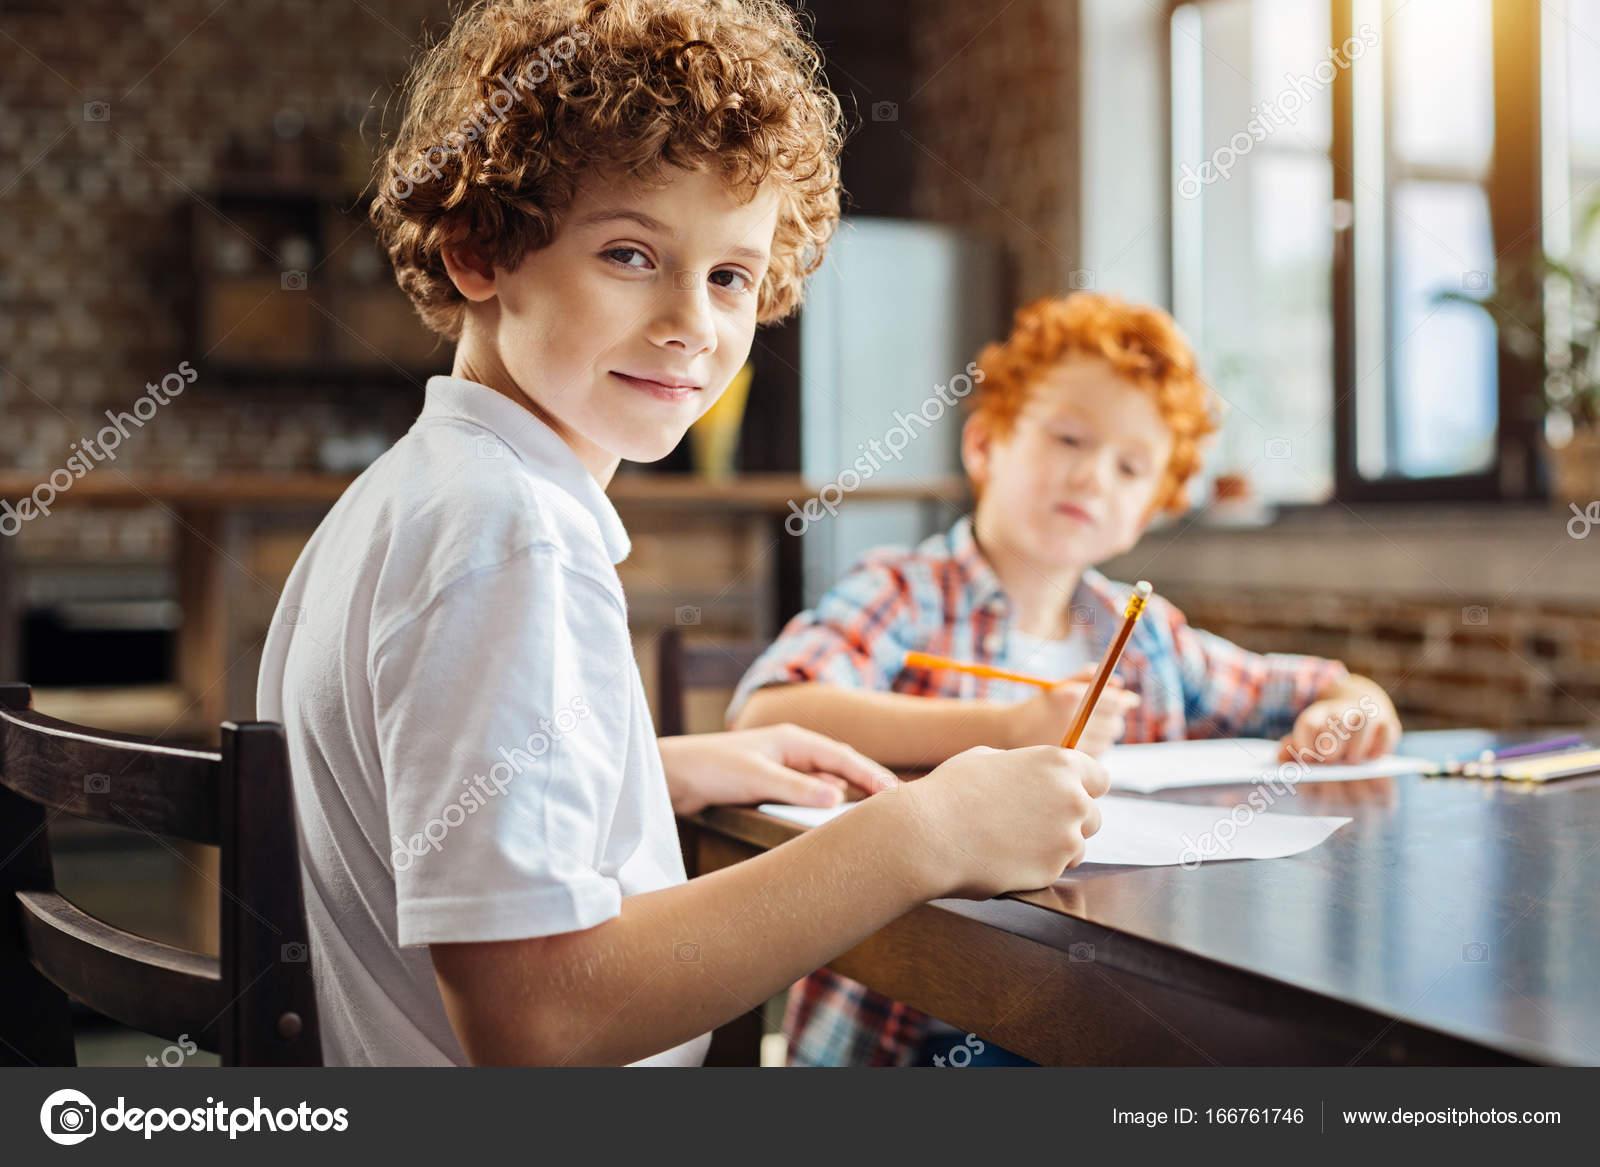 Jeune Intelligent Regarde Dans Appareil Photo En Dessin Avec Frere